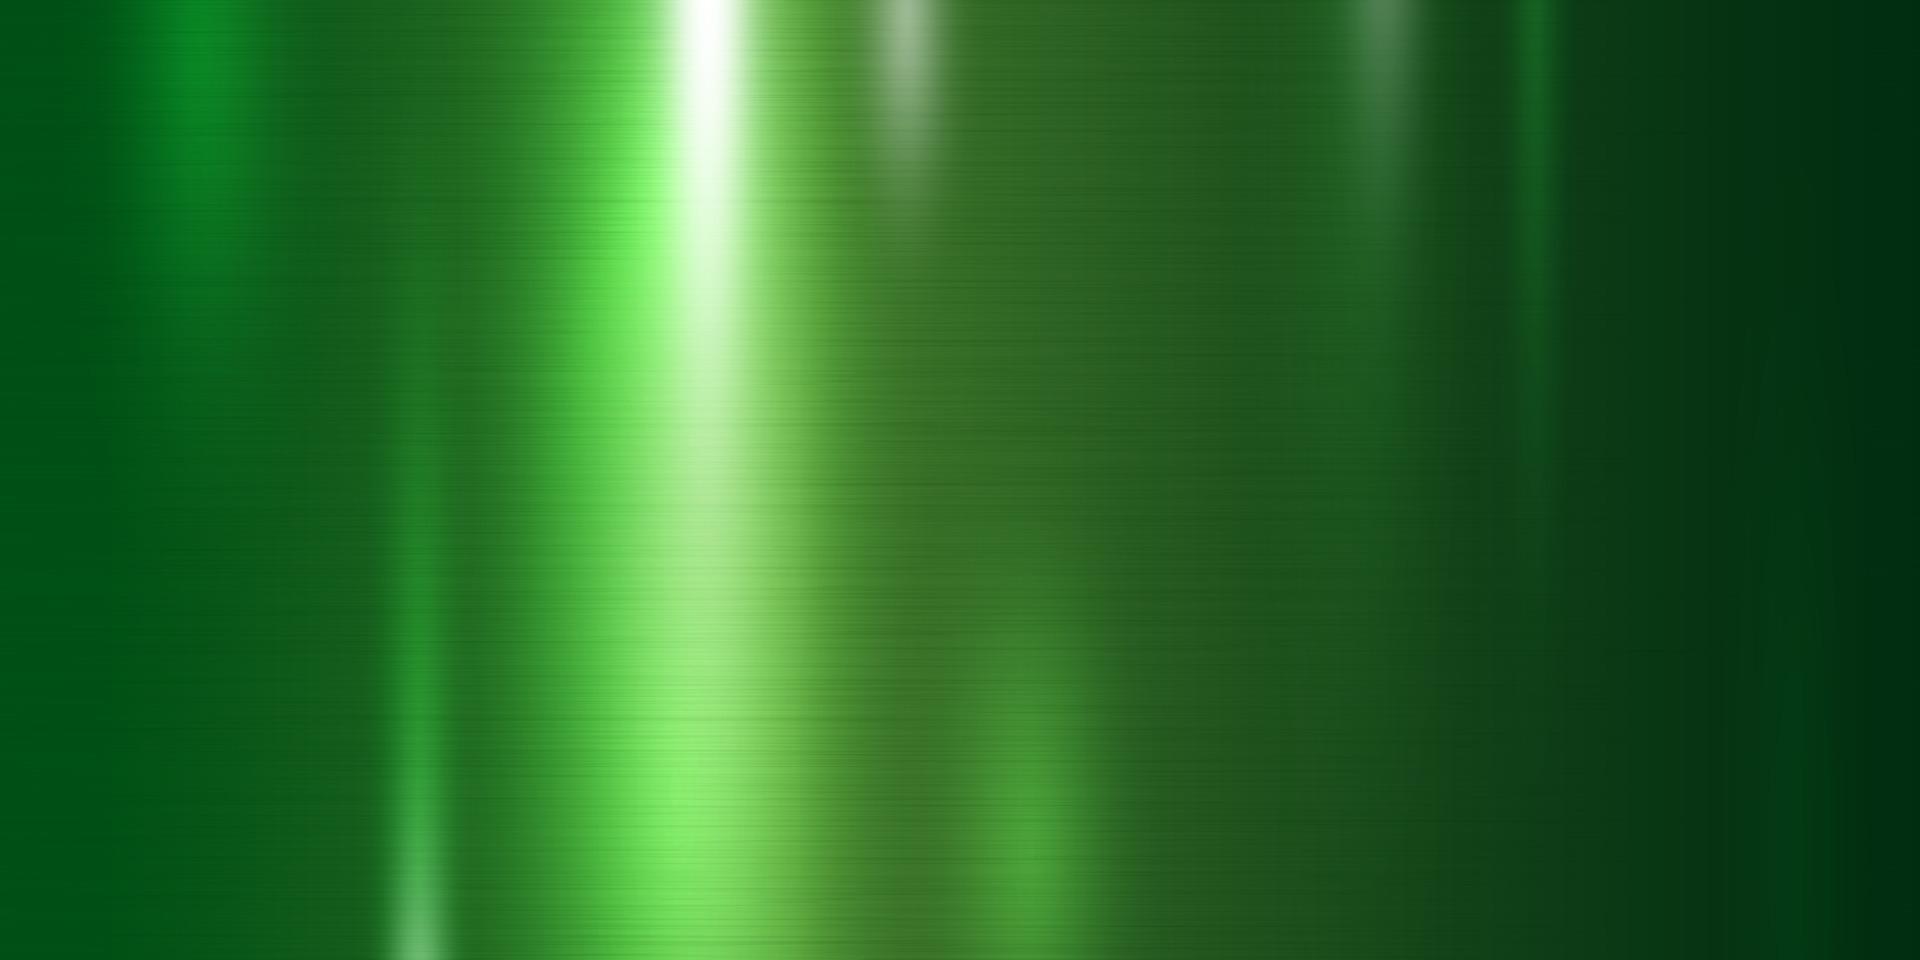 groene metalen textuur achtergrond vectorillustratie vector